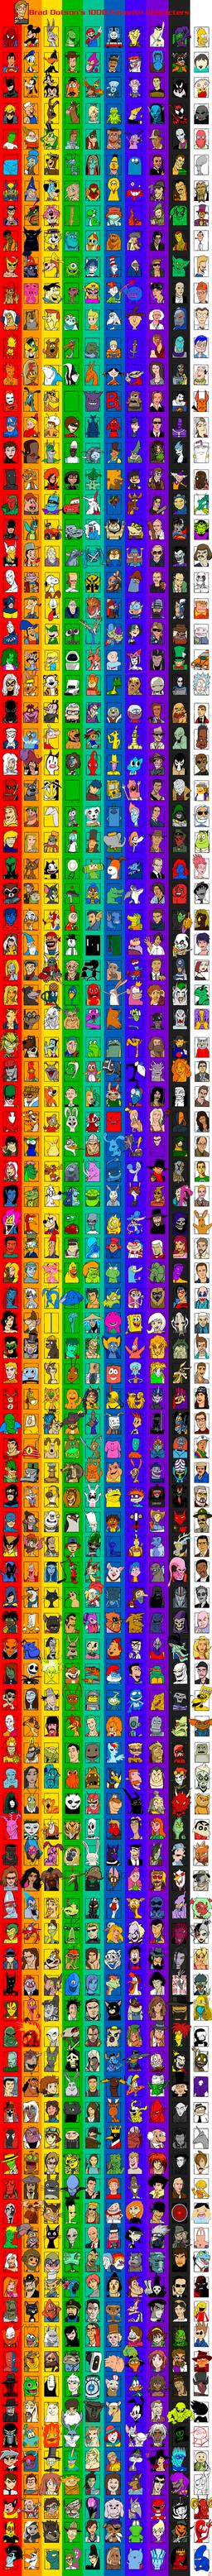 Brad Dotson's 1000 Character Meme by heatstroke2008